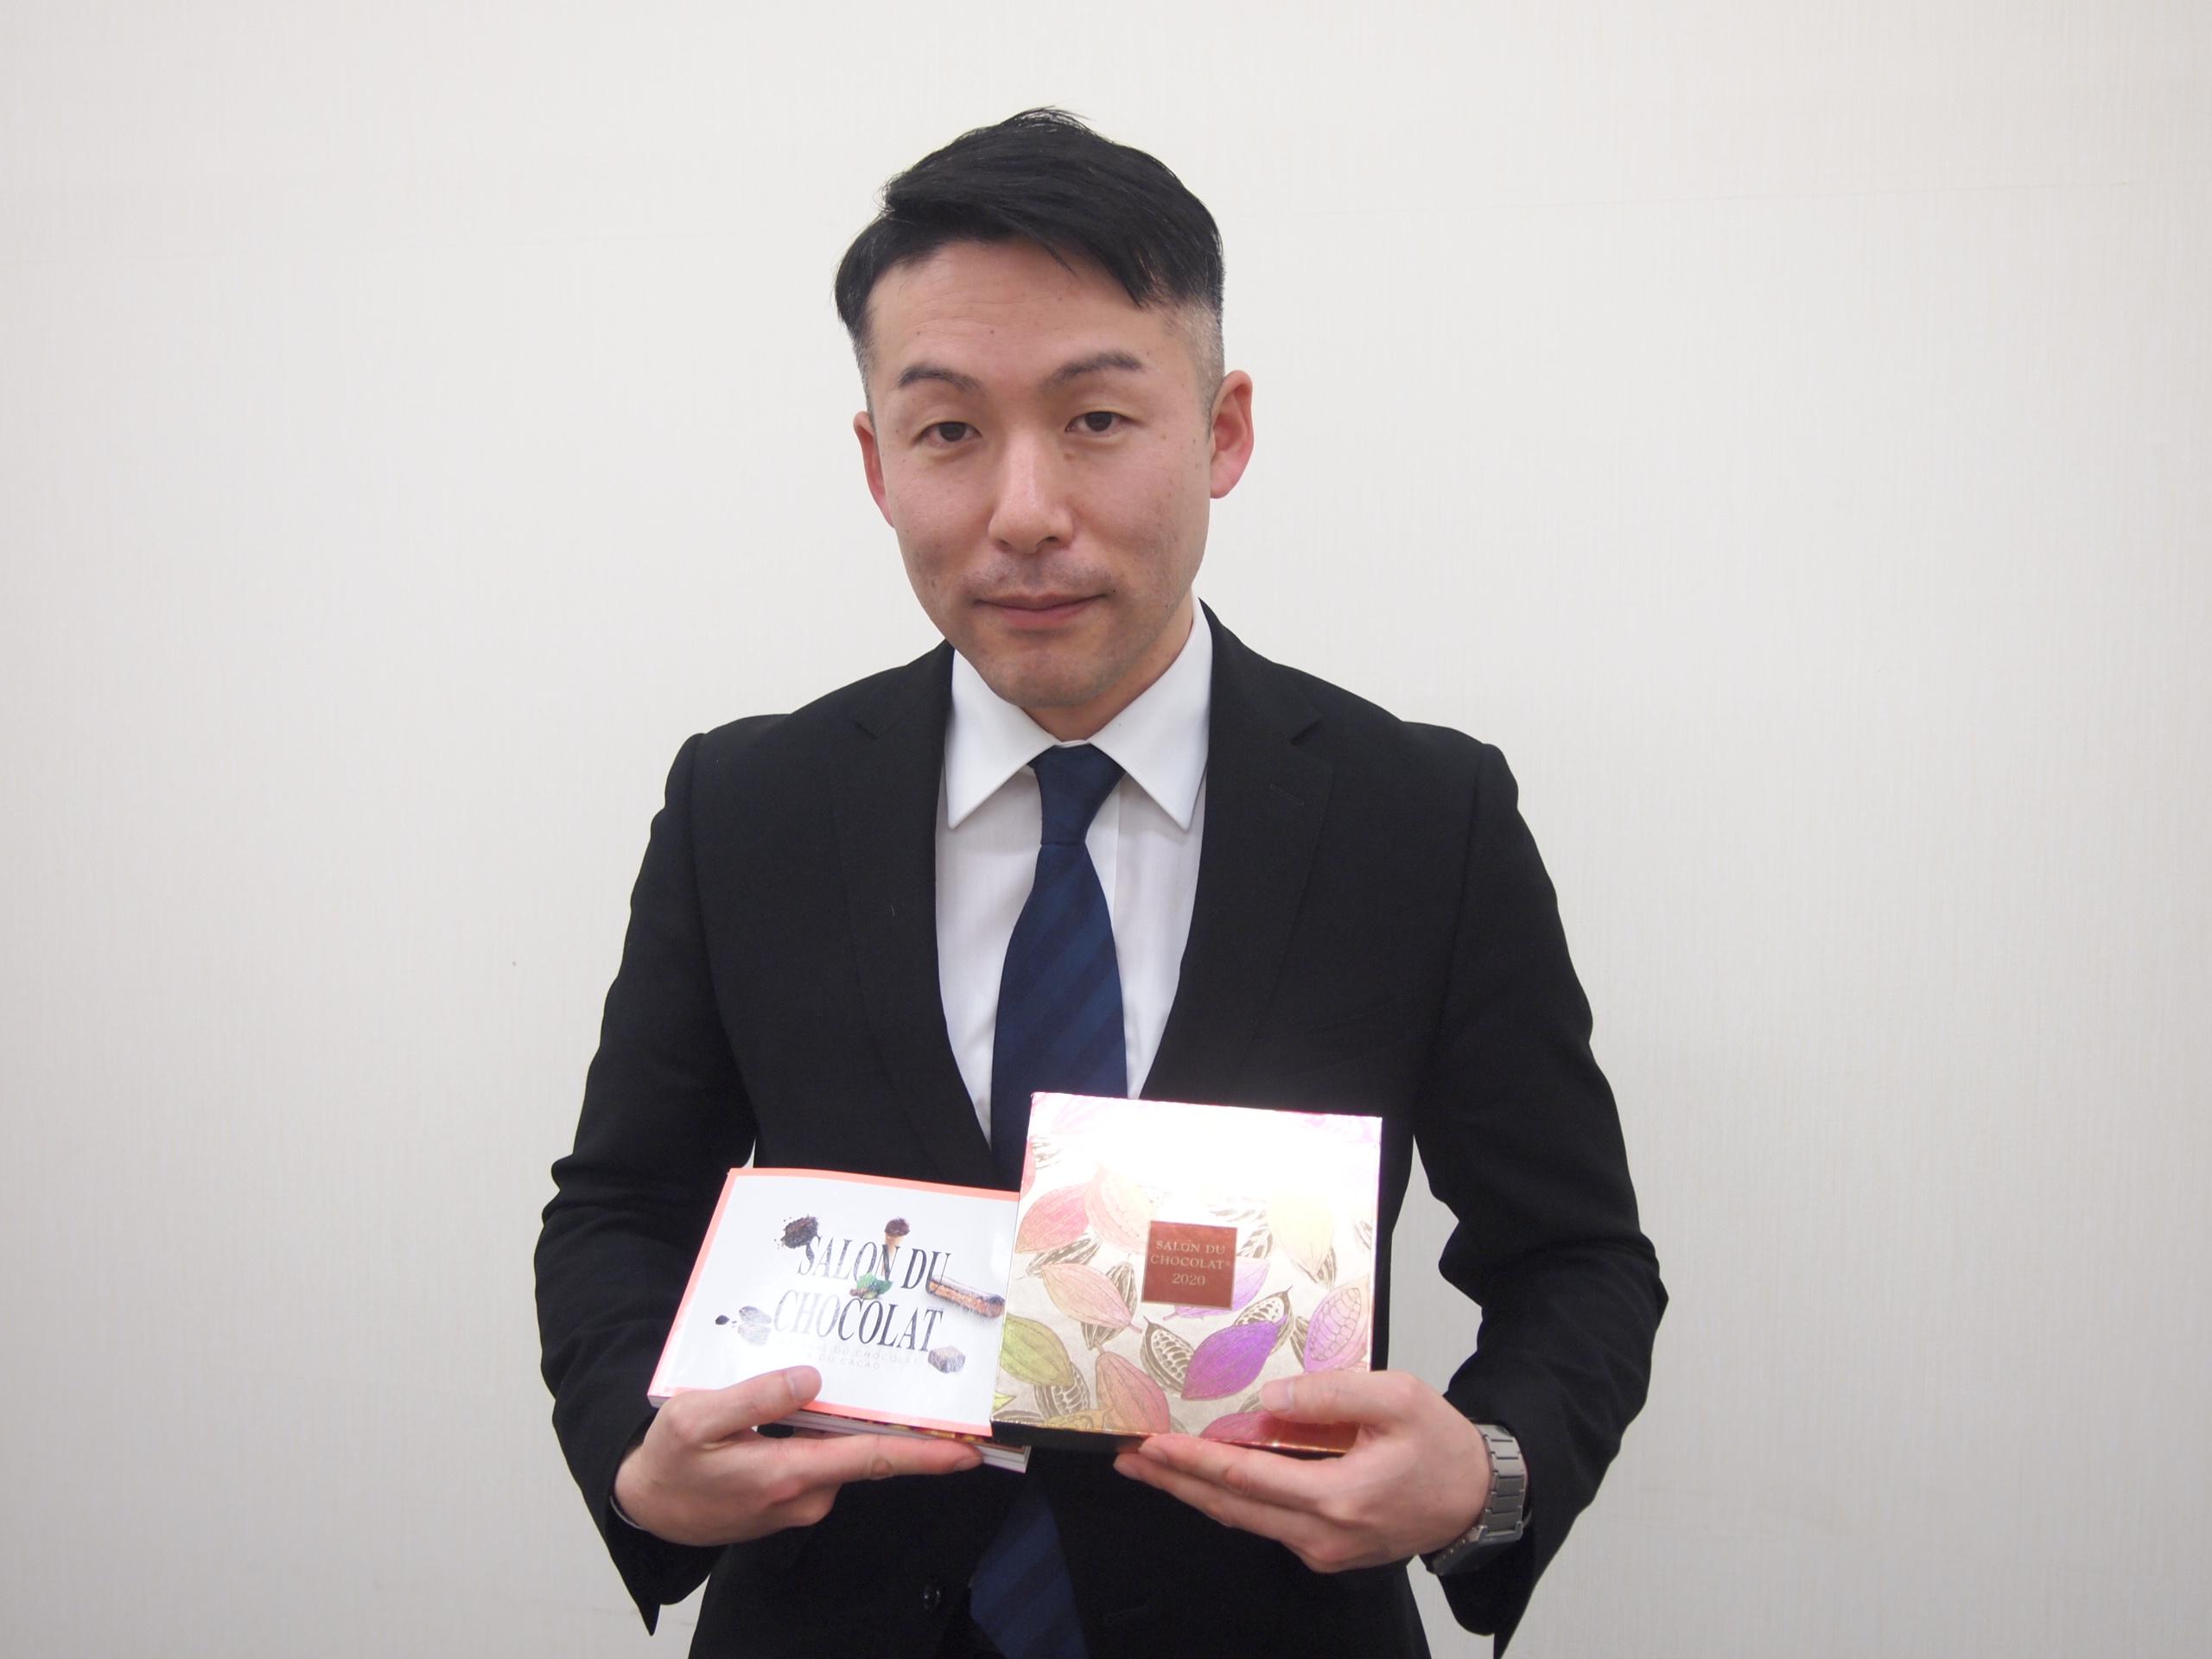 サロン・デュ・ショコラ担当バイヤーの真野重雄さん